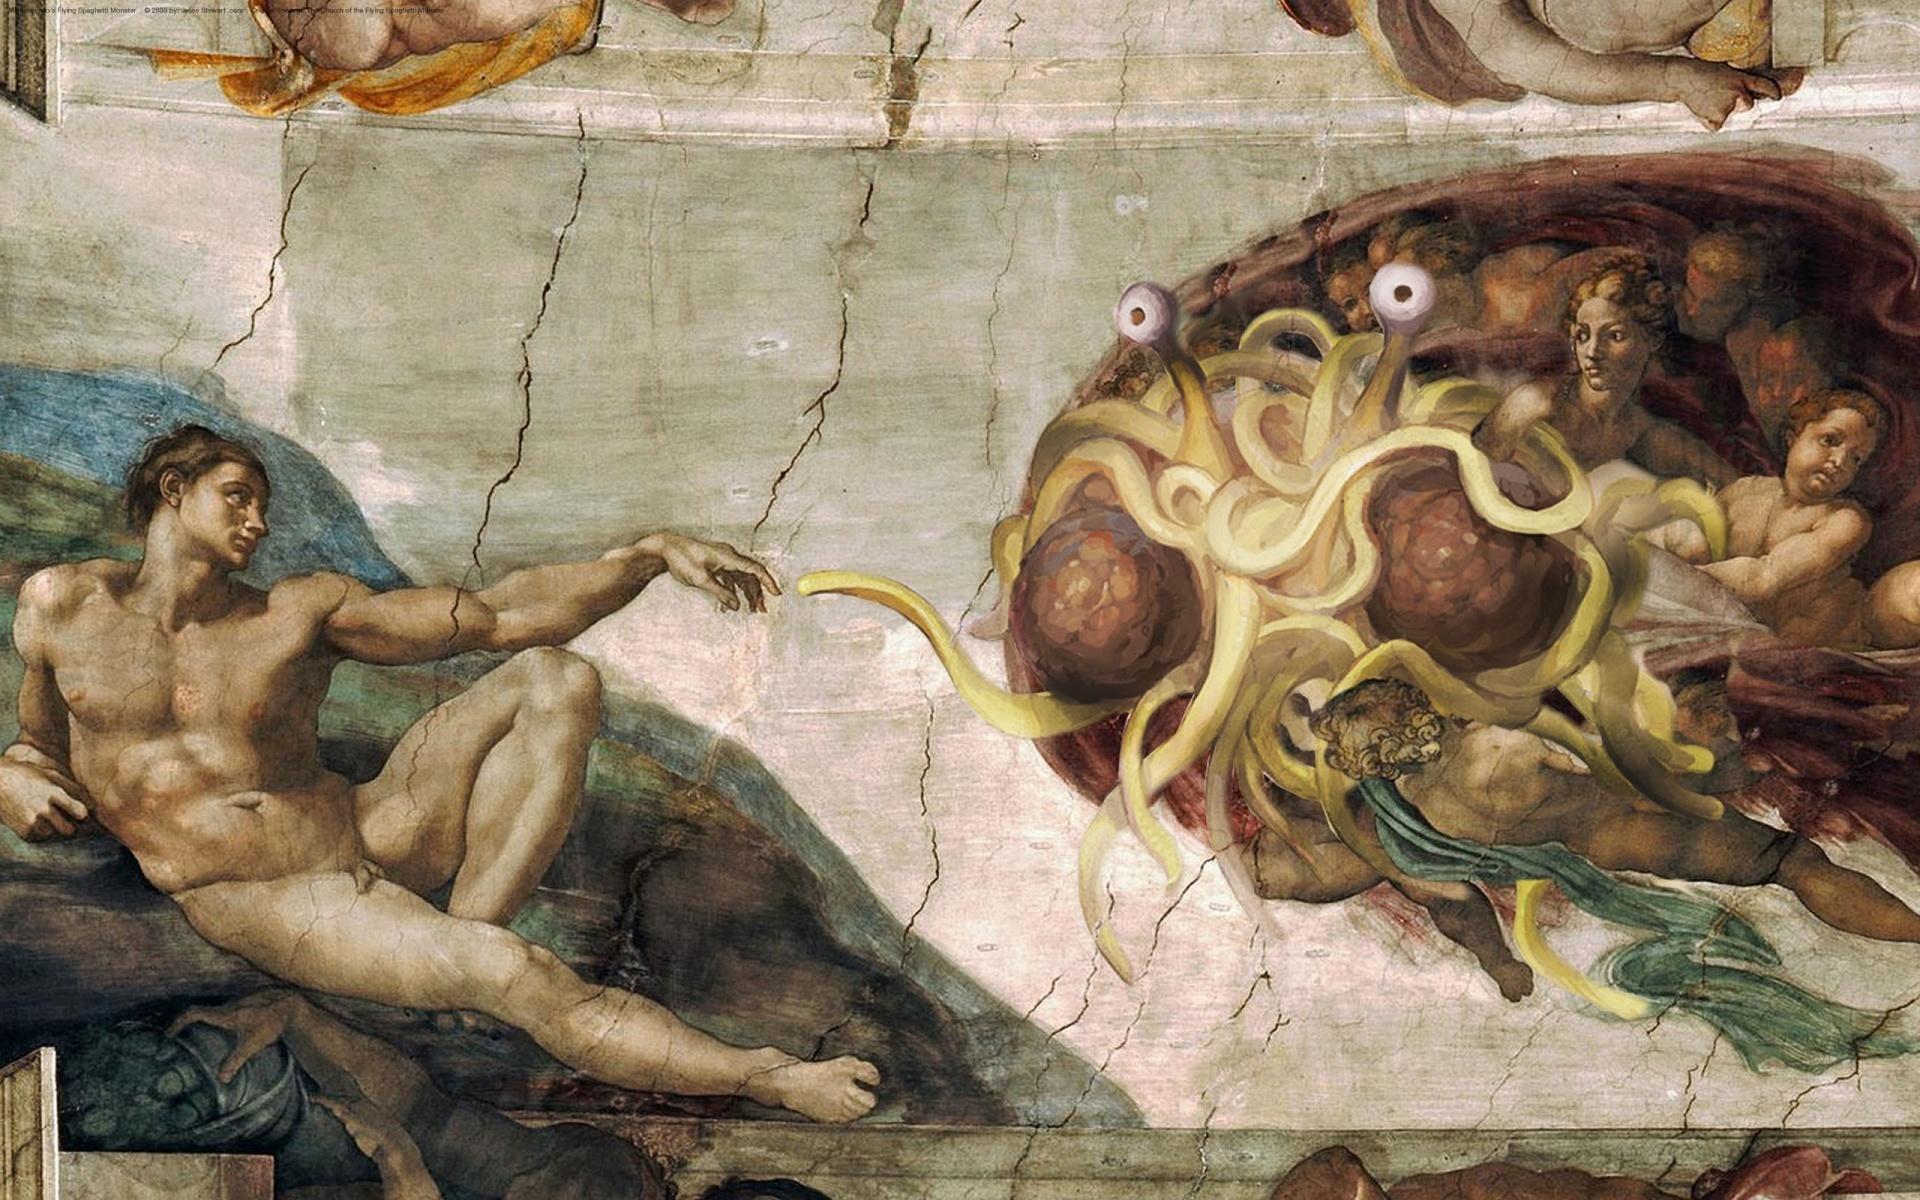 Святые макароны, гугл и единорог: топ выдуманных религий